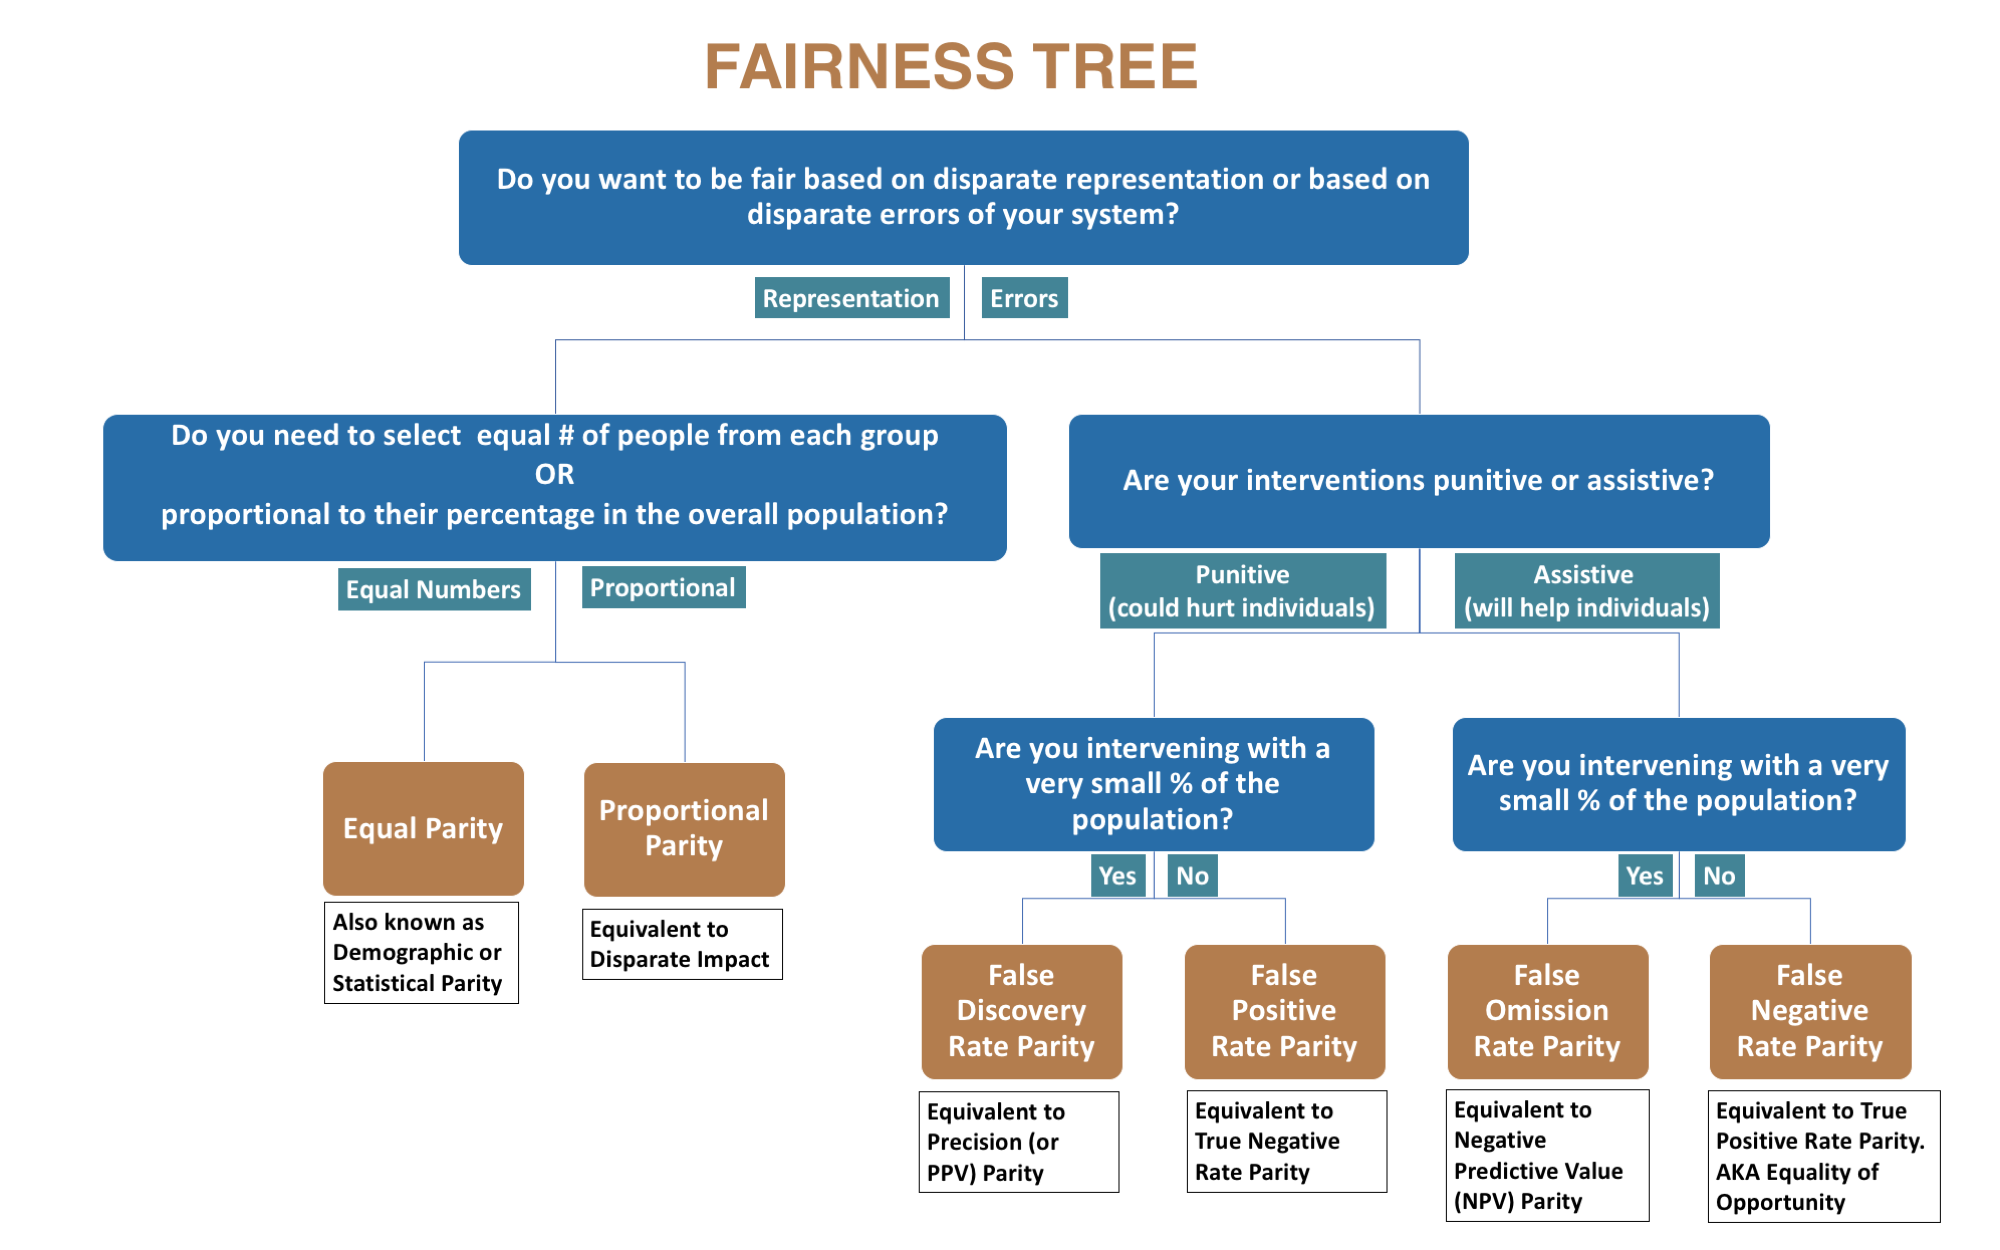 AI Fairness 360 - Resources